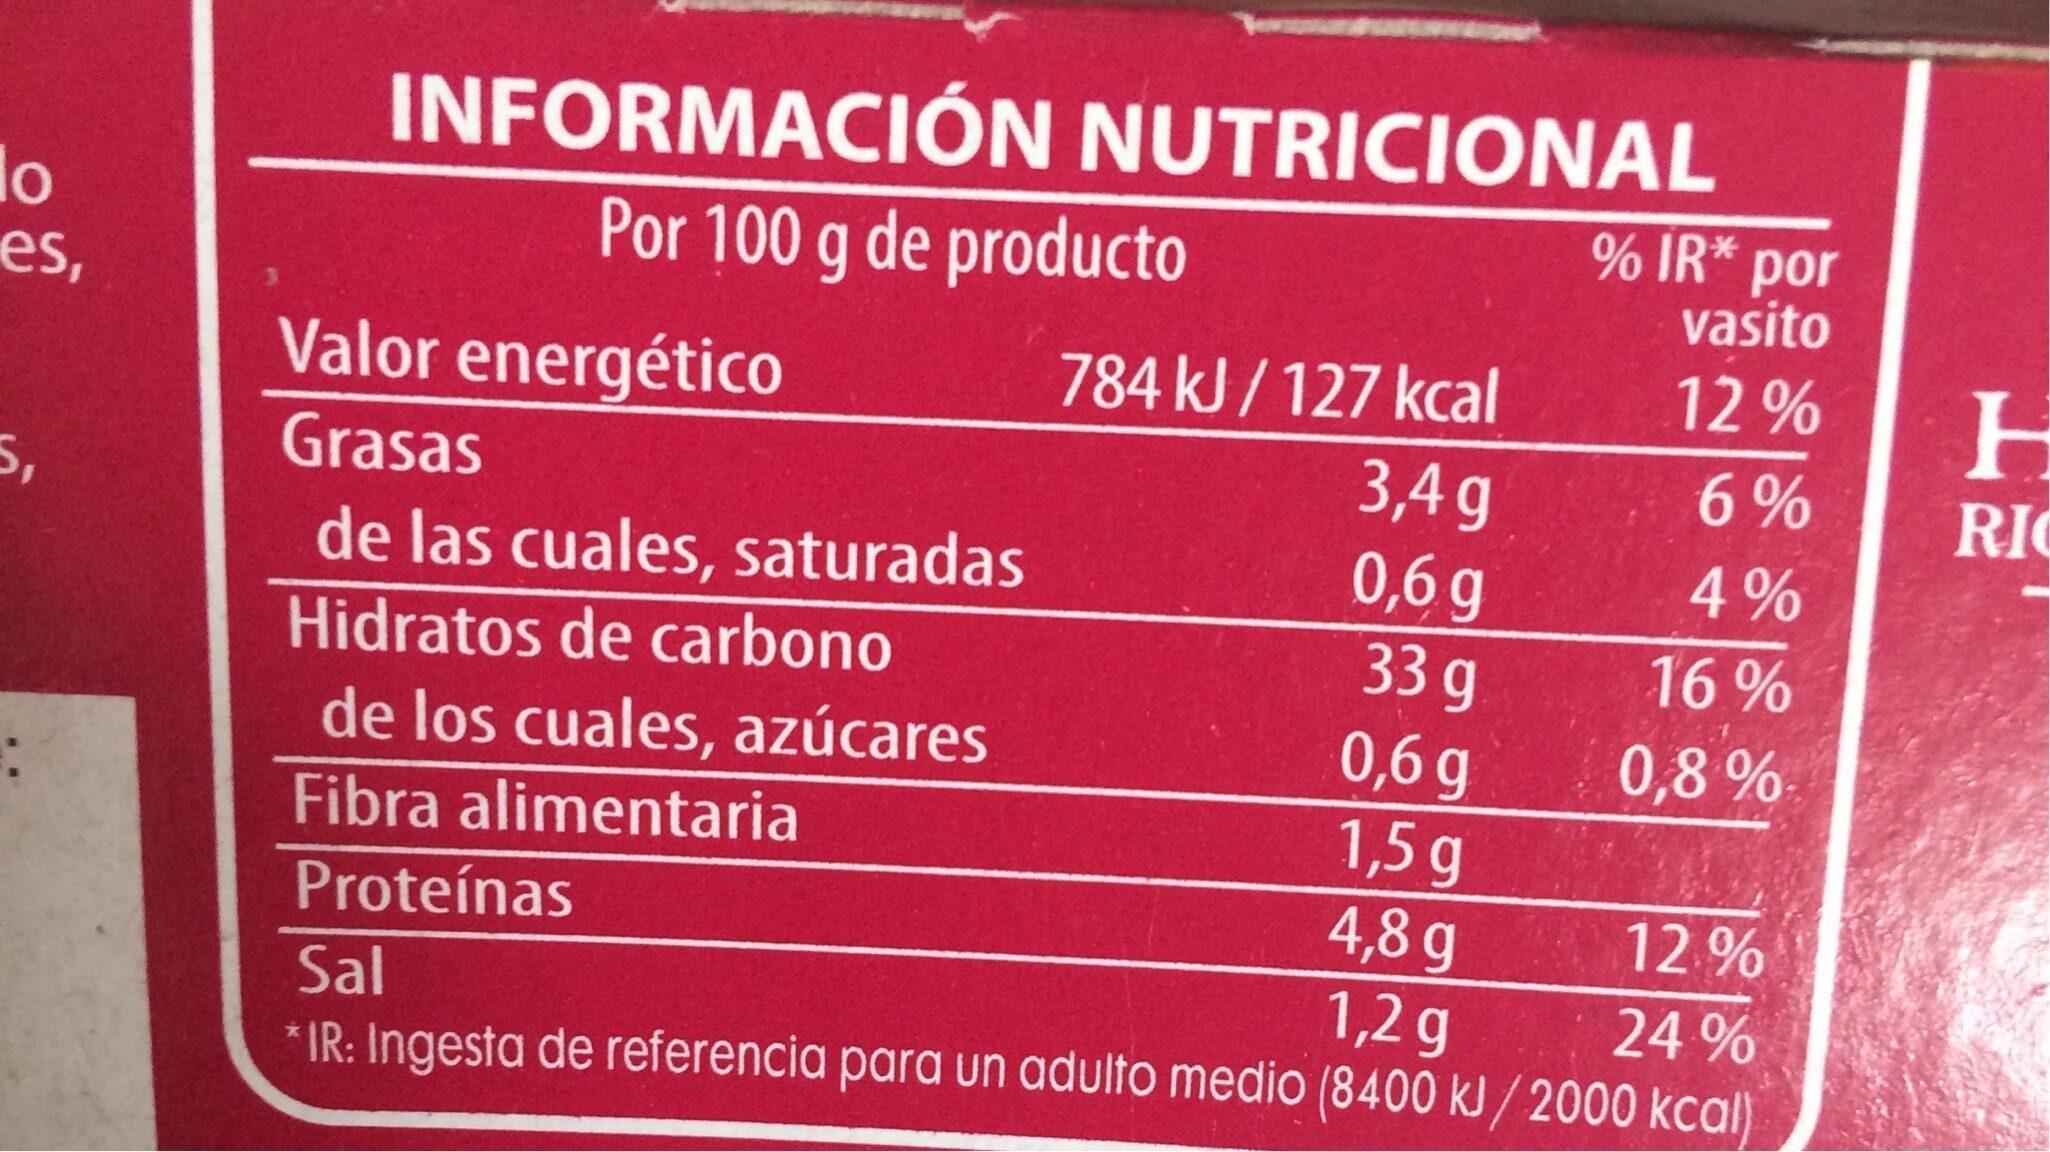 Arroz cantonés cocido tres delicias para guarnición pack 2 envases 250 g - Información nutricional - es